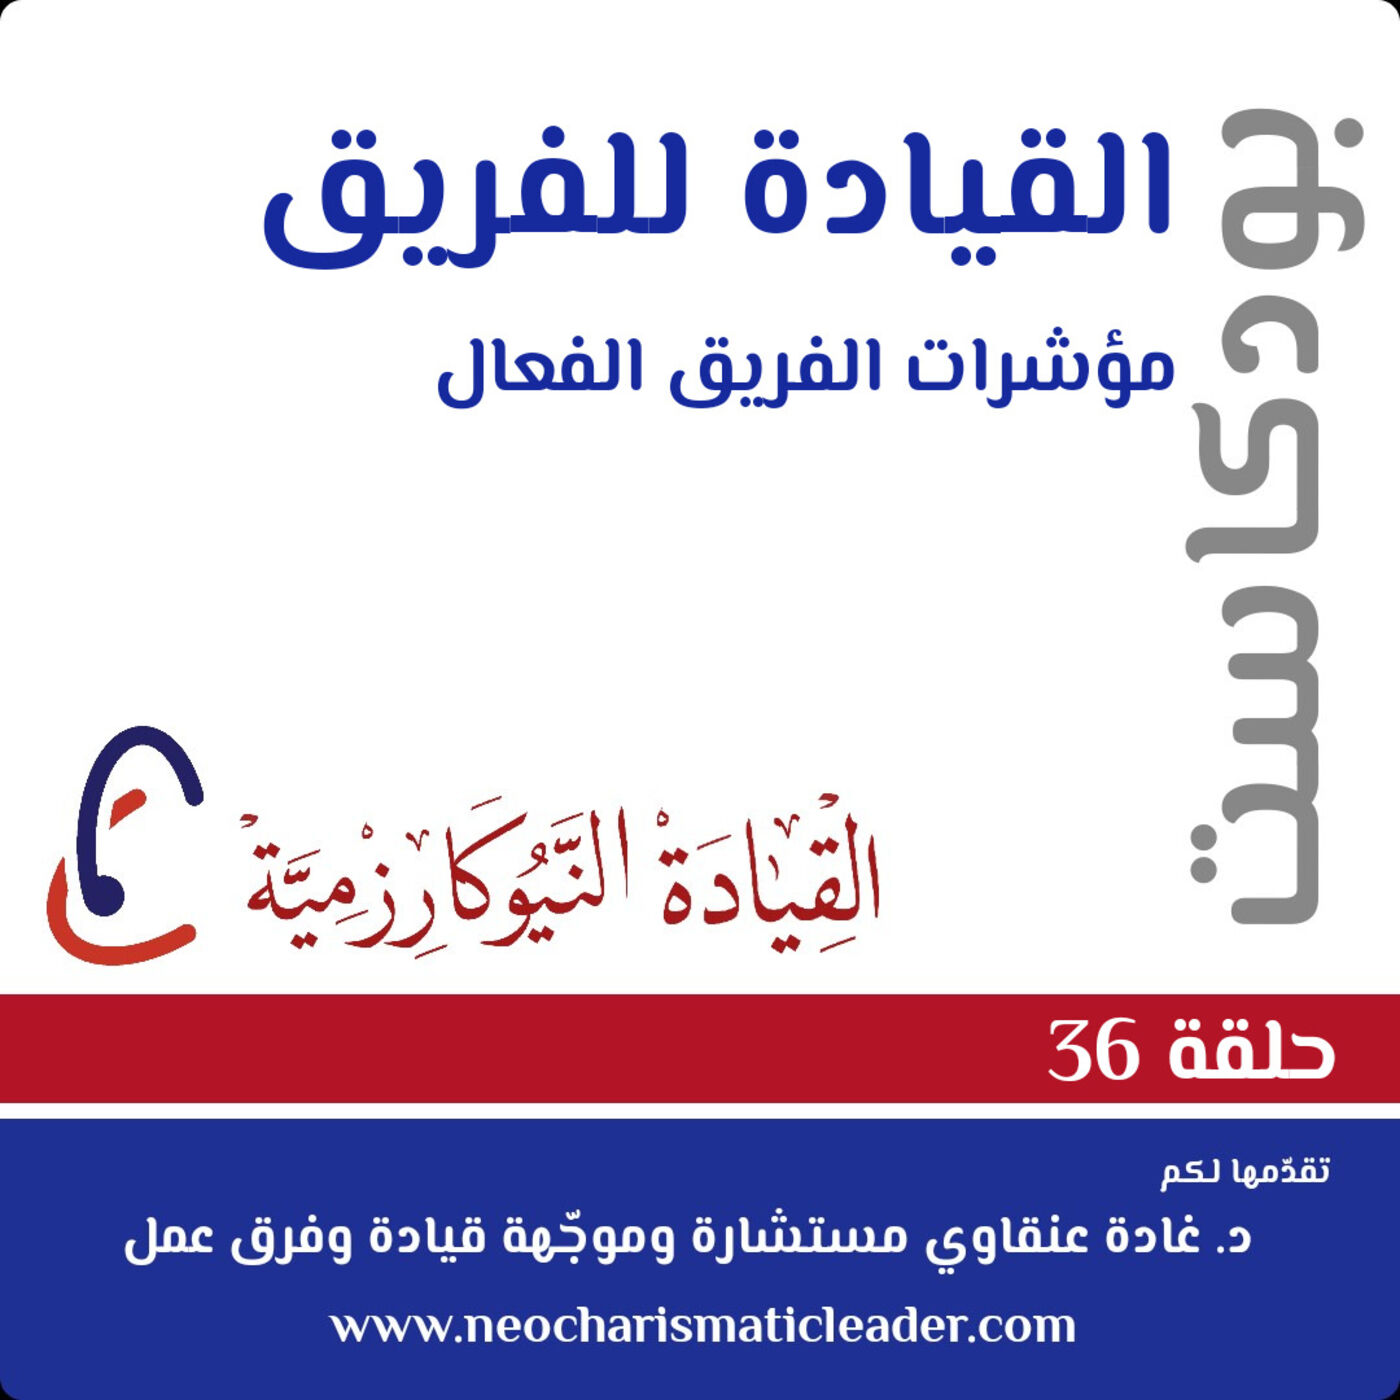 حلقة 36 - مؤشّرات الفريق عالي الأداء